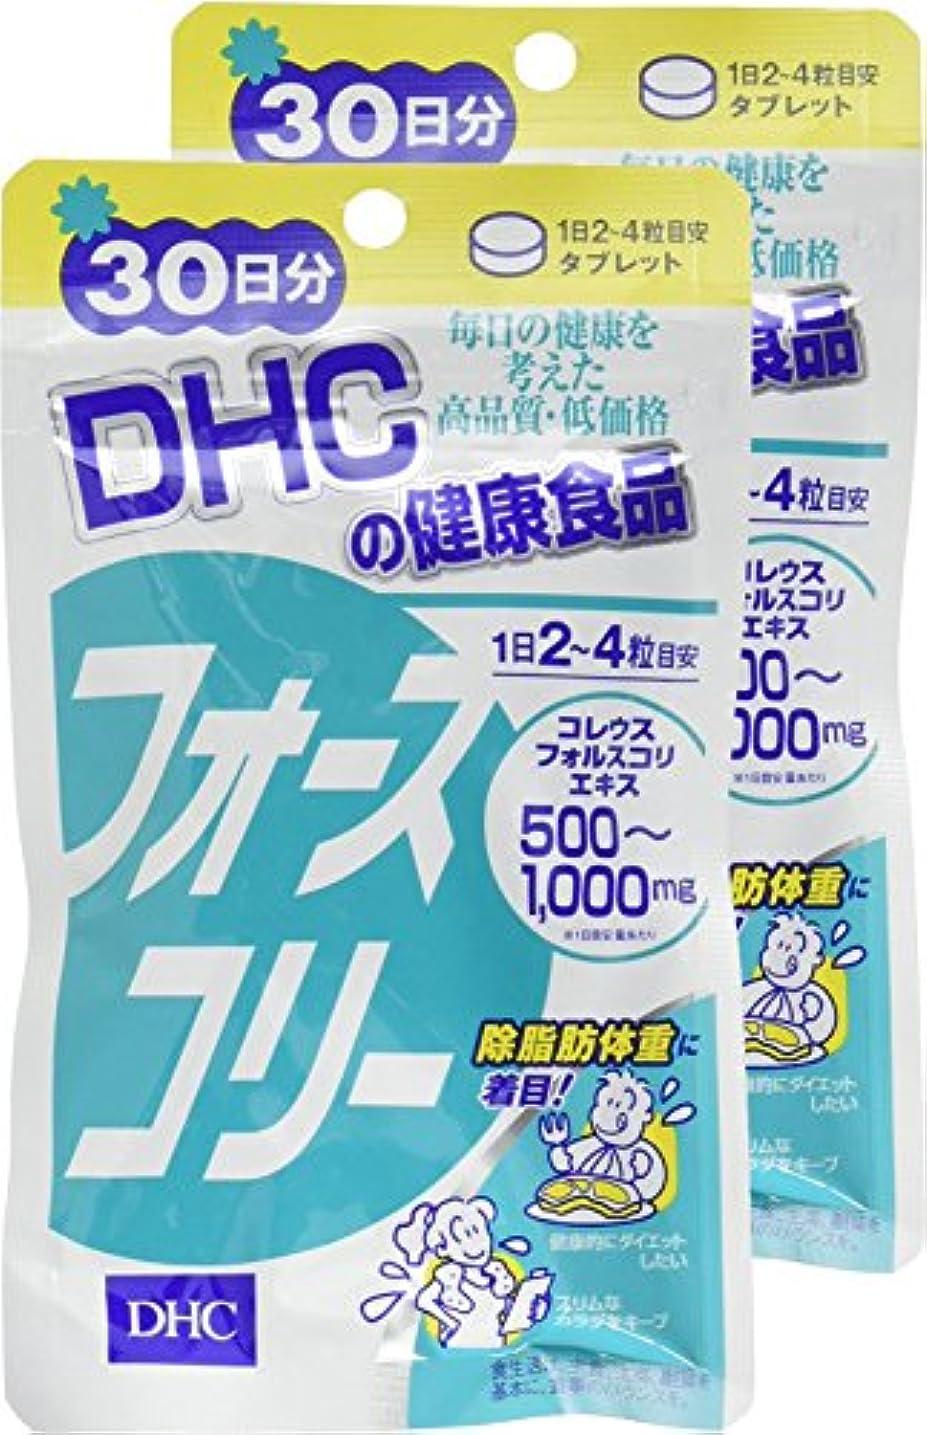 ドライブネクタイ嘆願DHC フォースコリー 30日分 120粒 ×2個セット